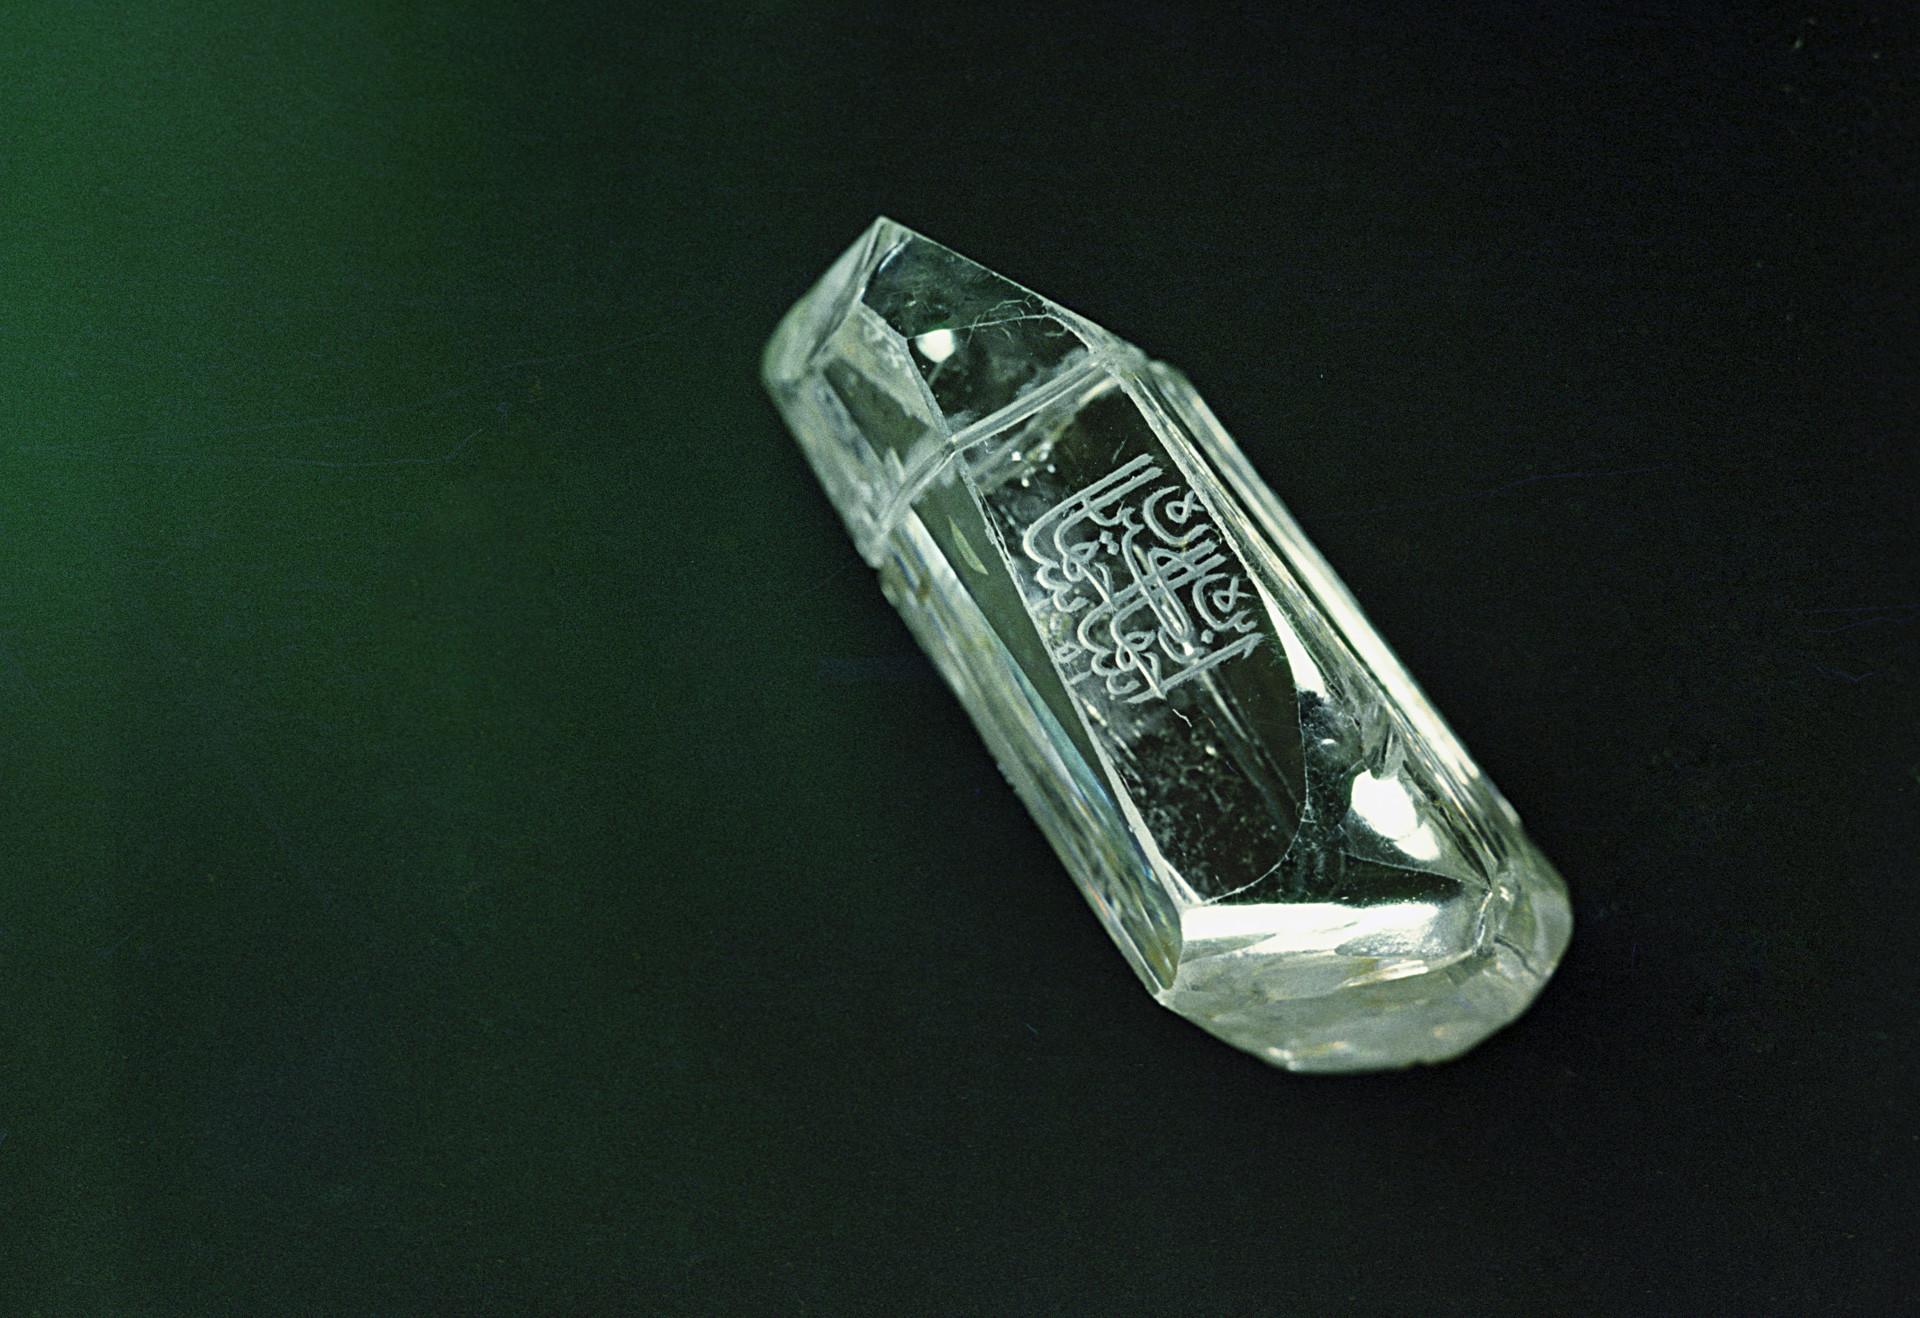 Berlian Syah, salah satu dari Tujuh Permata Bersejarah dari Tempat Penyimpangan Berlian Rusia.